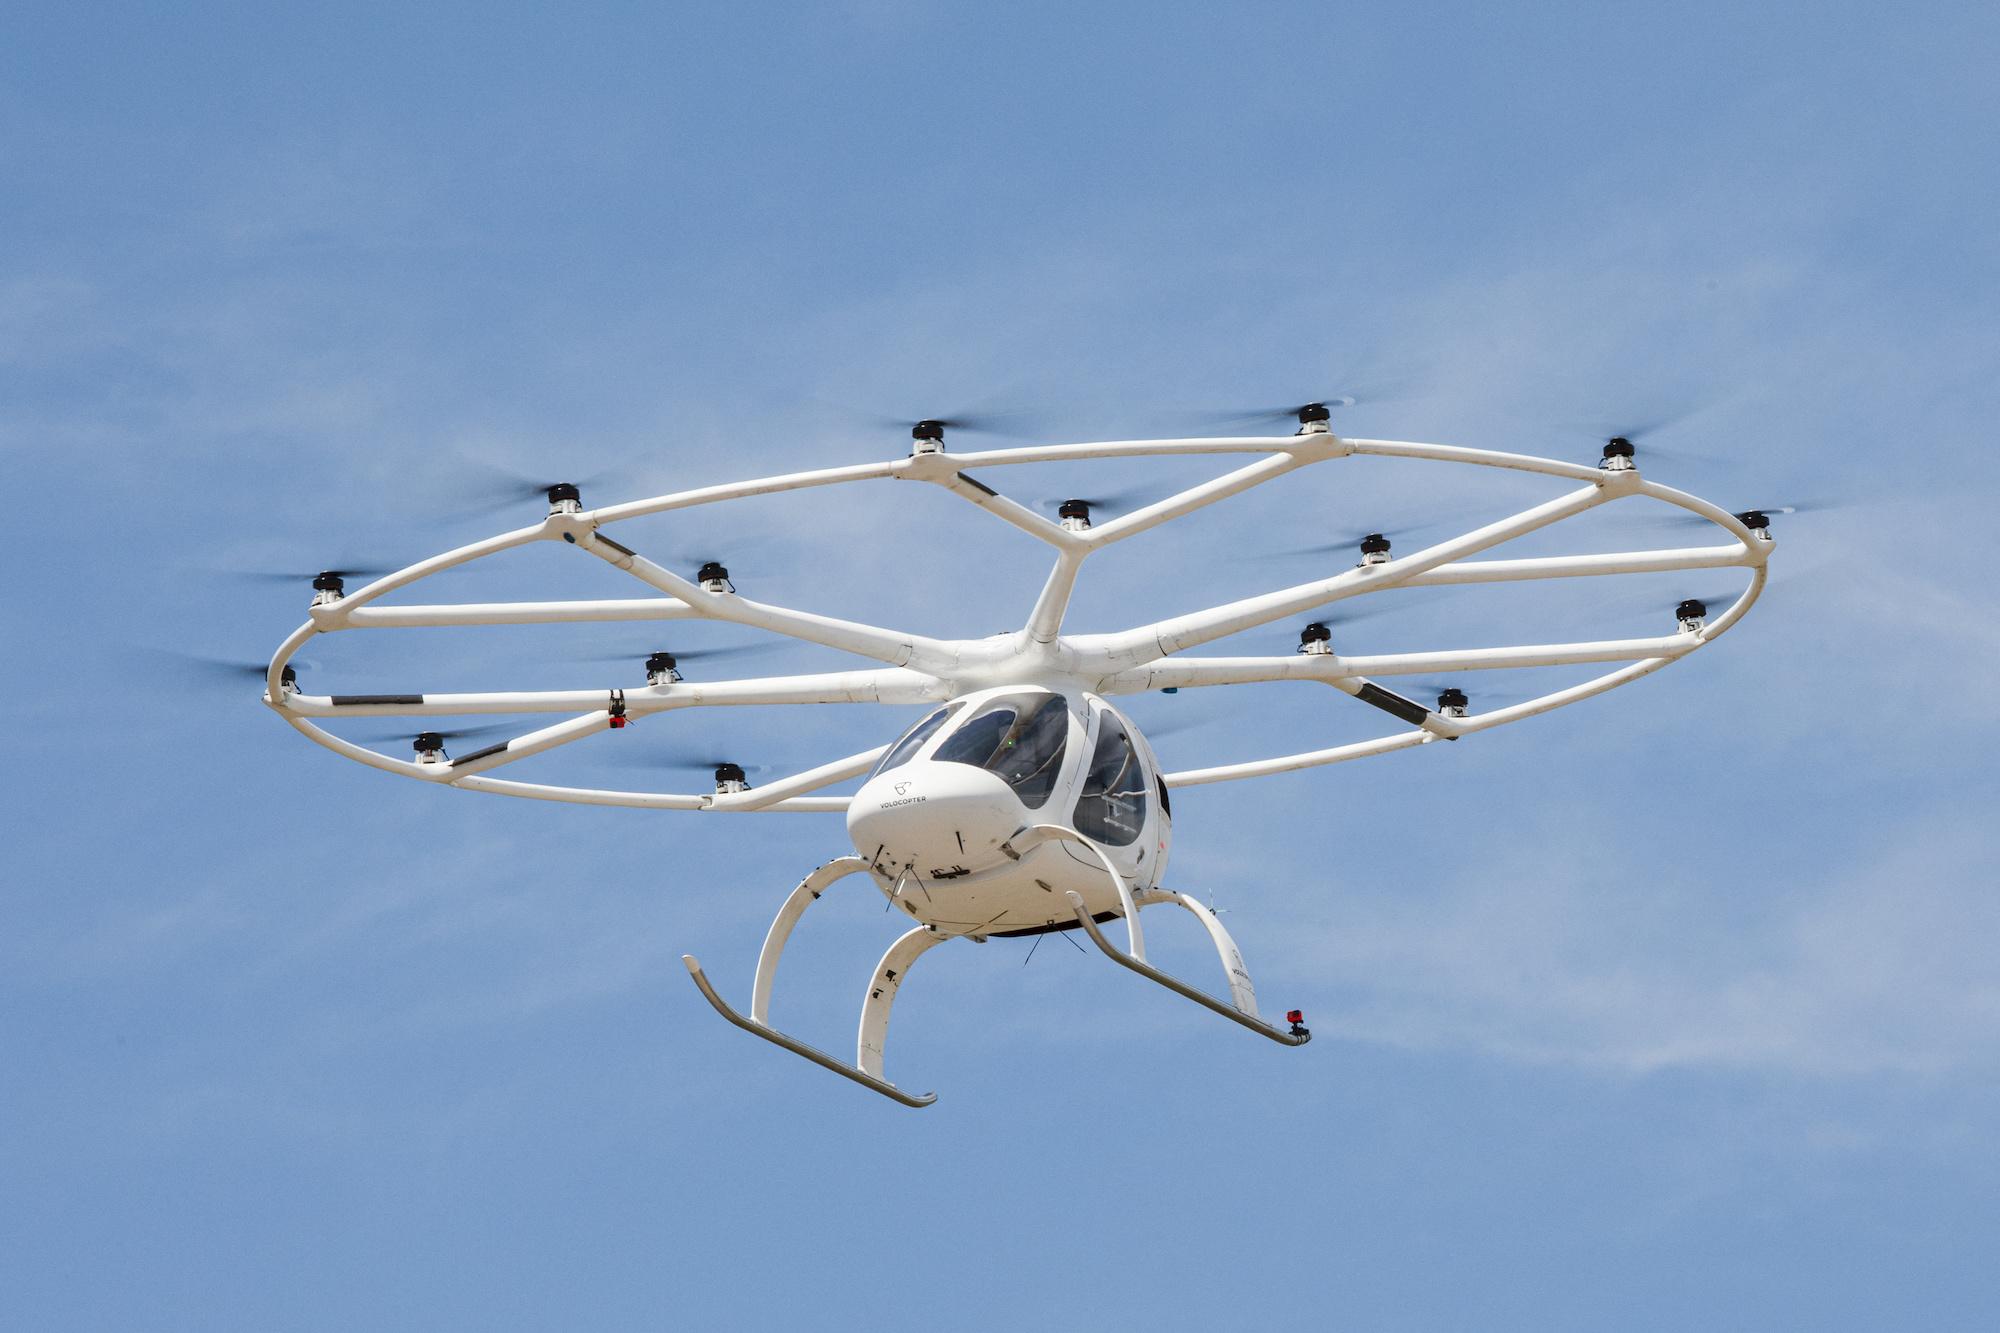 volocity-e-il-taxi-volante-elettrico-per-spostarsi-a-parigi